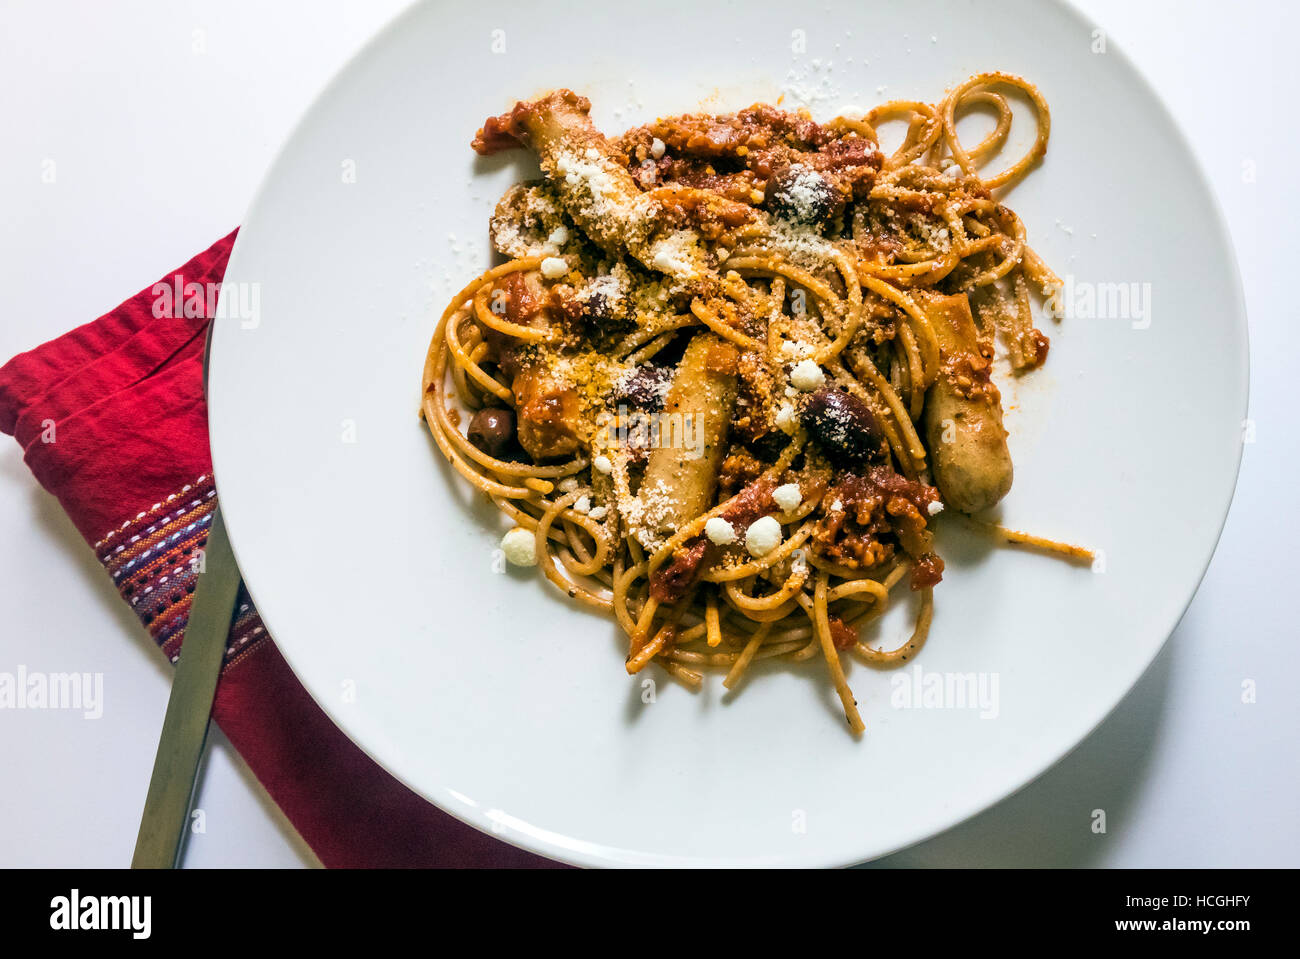 Spaghetti with sausage - Stock Image